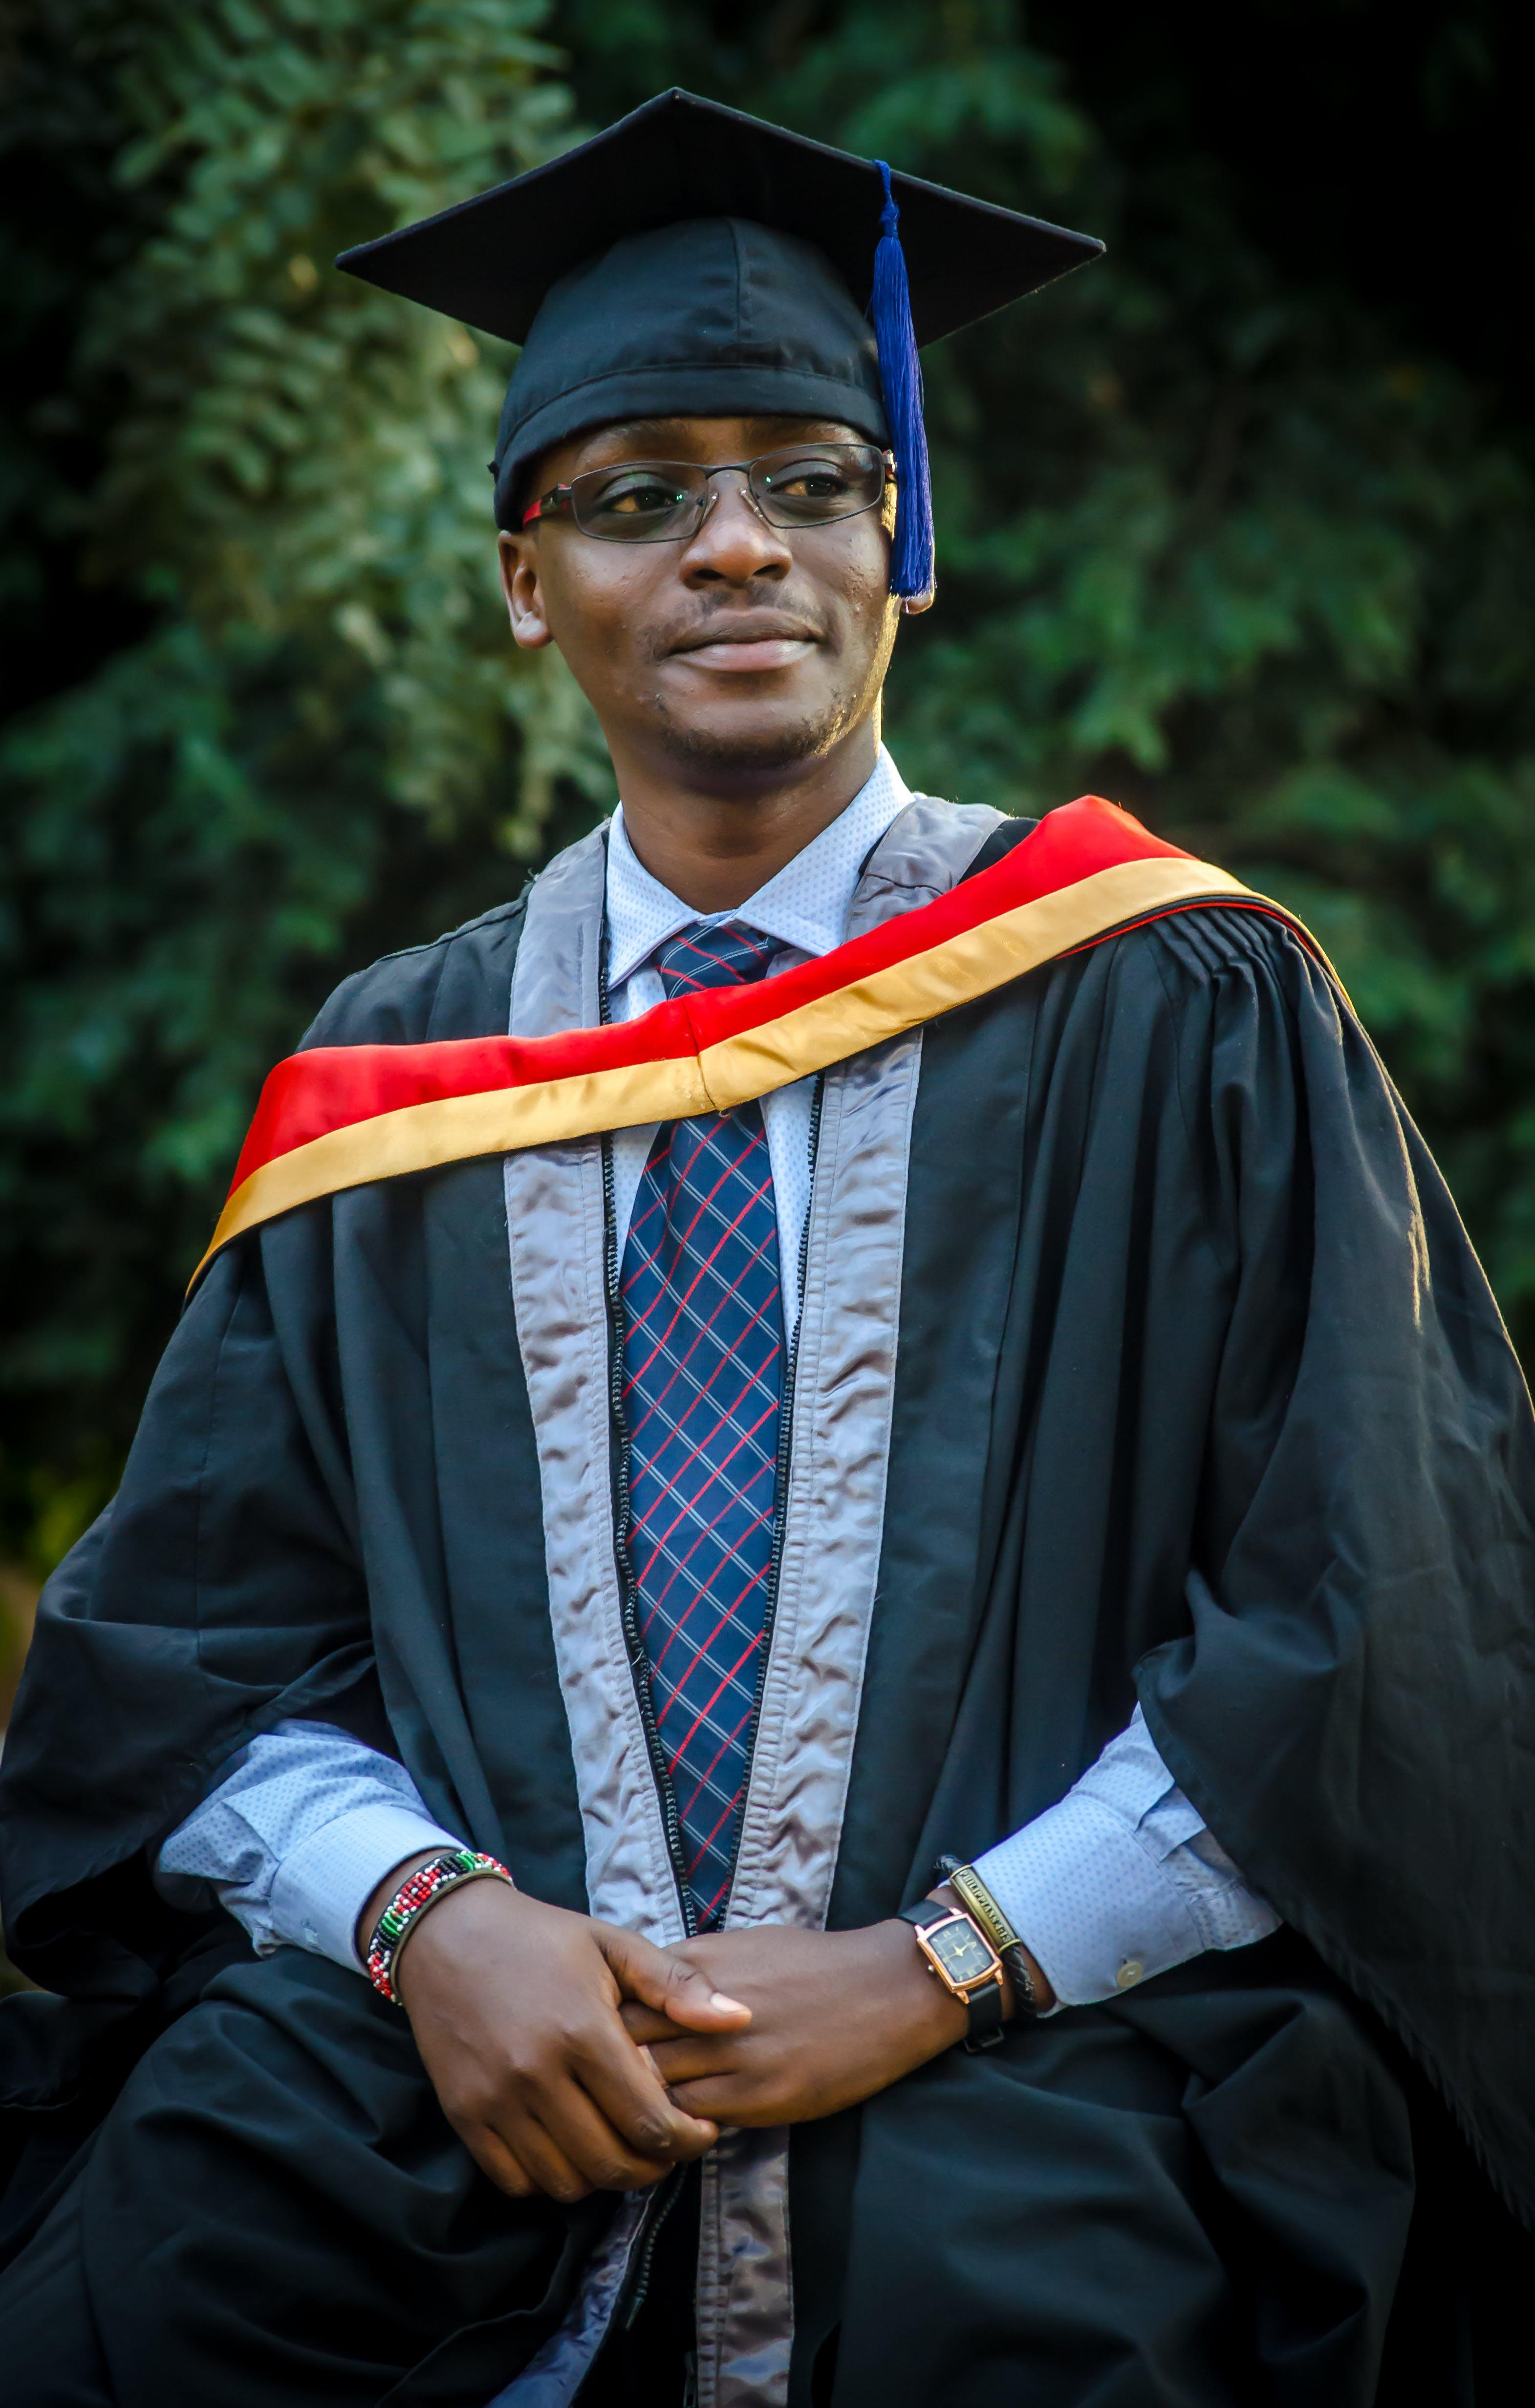 Ingyenes stockfotó adminisztráció, afro-amerikai férfi, álló kép, ballagás témában